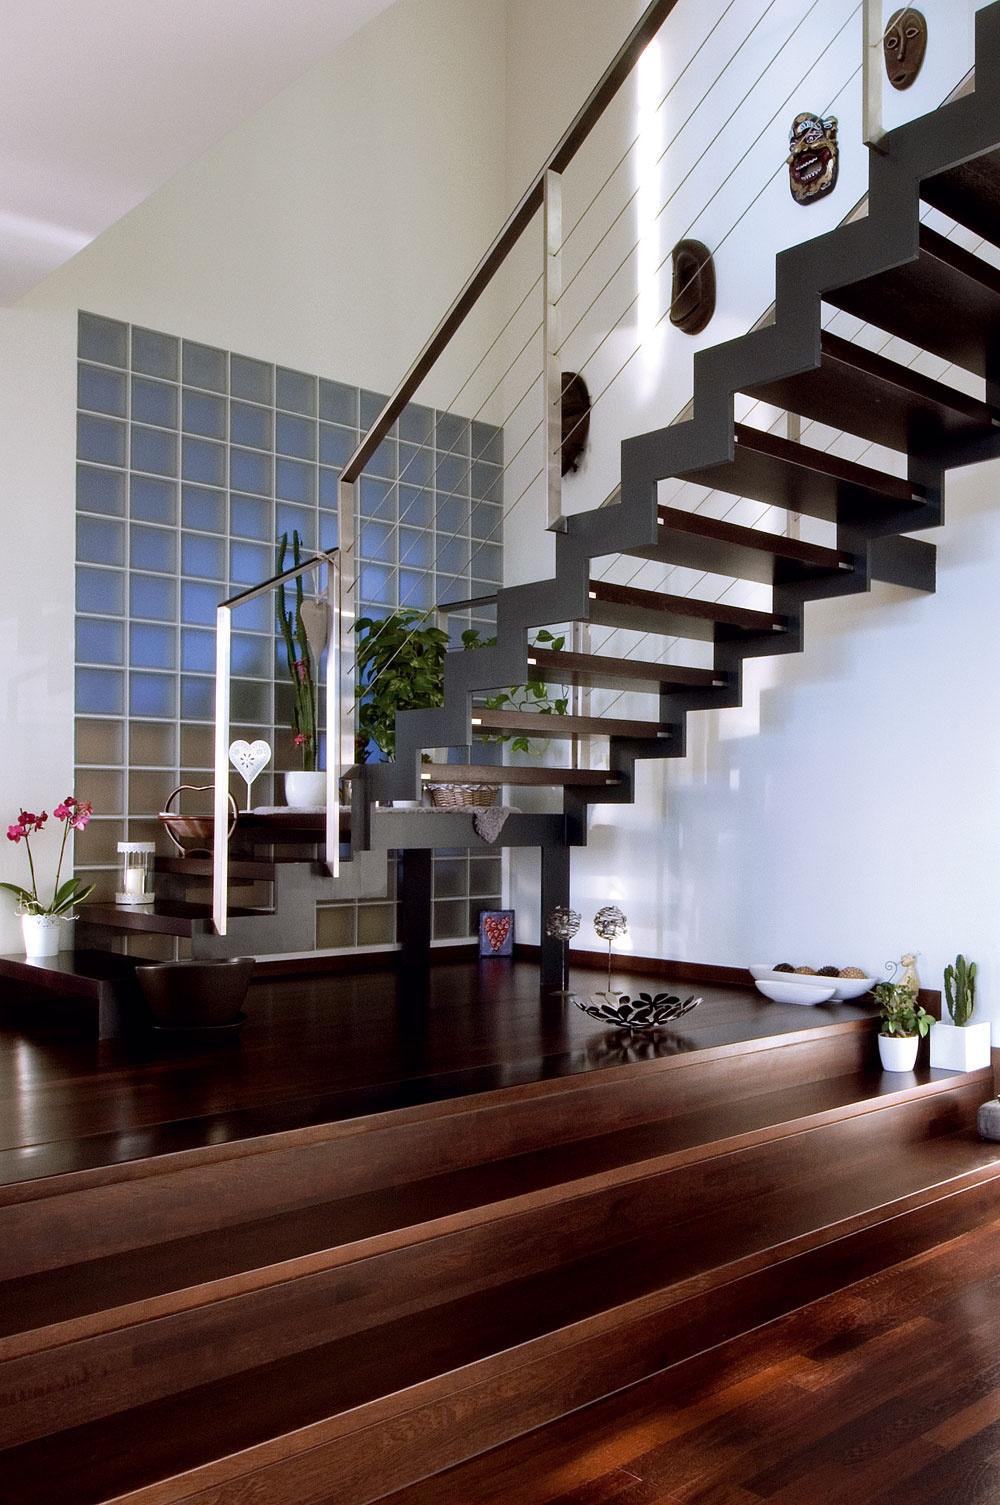 Podlaha prízemia mala byť vpôvodnom projekte riešená jednoúrovňovo. Majitelia však chceli kuchyňu od zvyšku miestnosti opticky odčleniť, atak vznikli schody do oddychovej ajedálenskej časti.